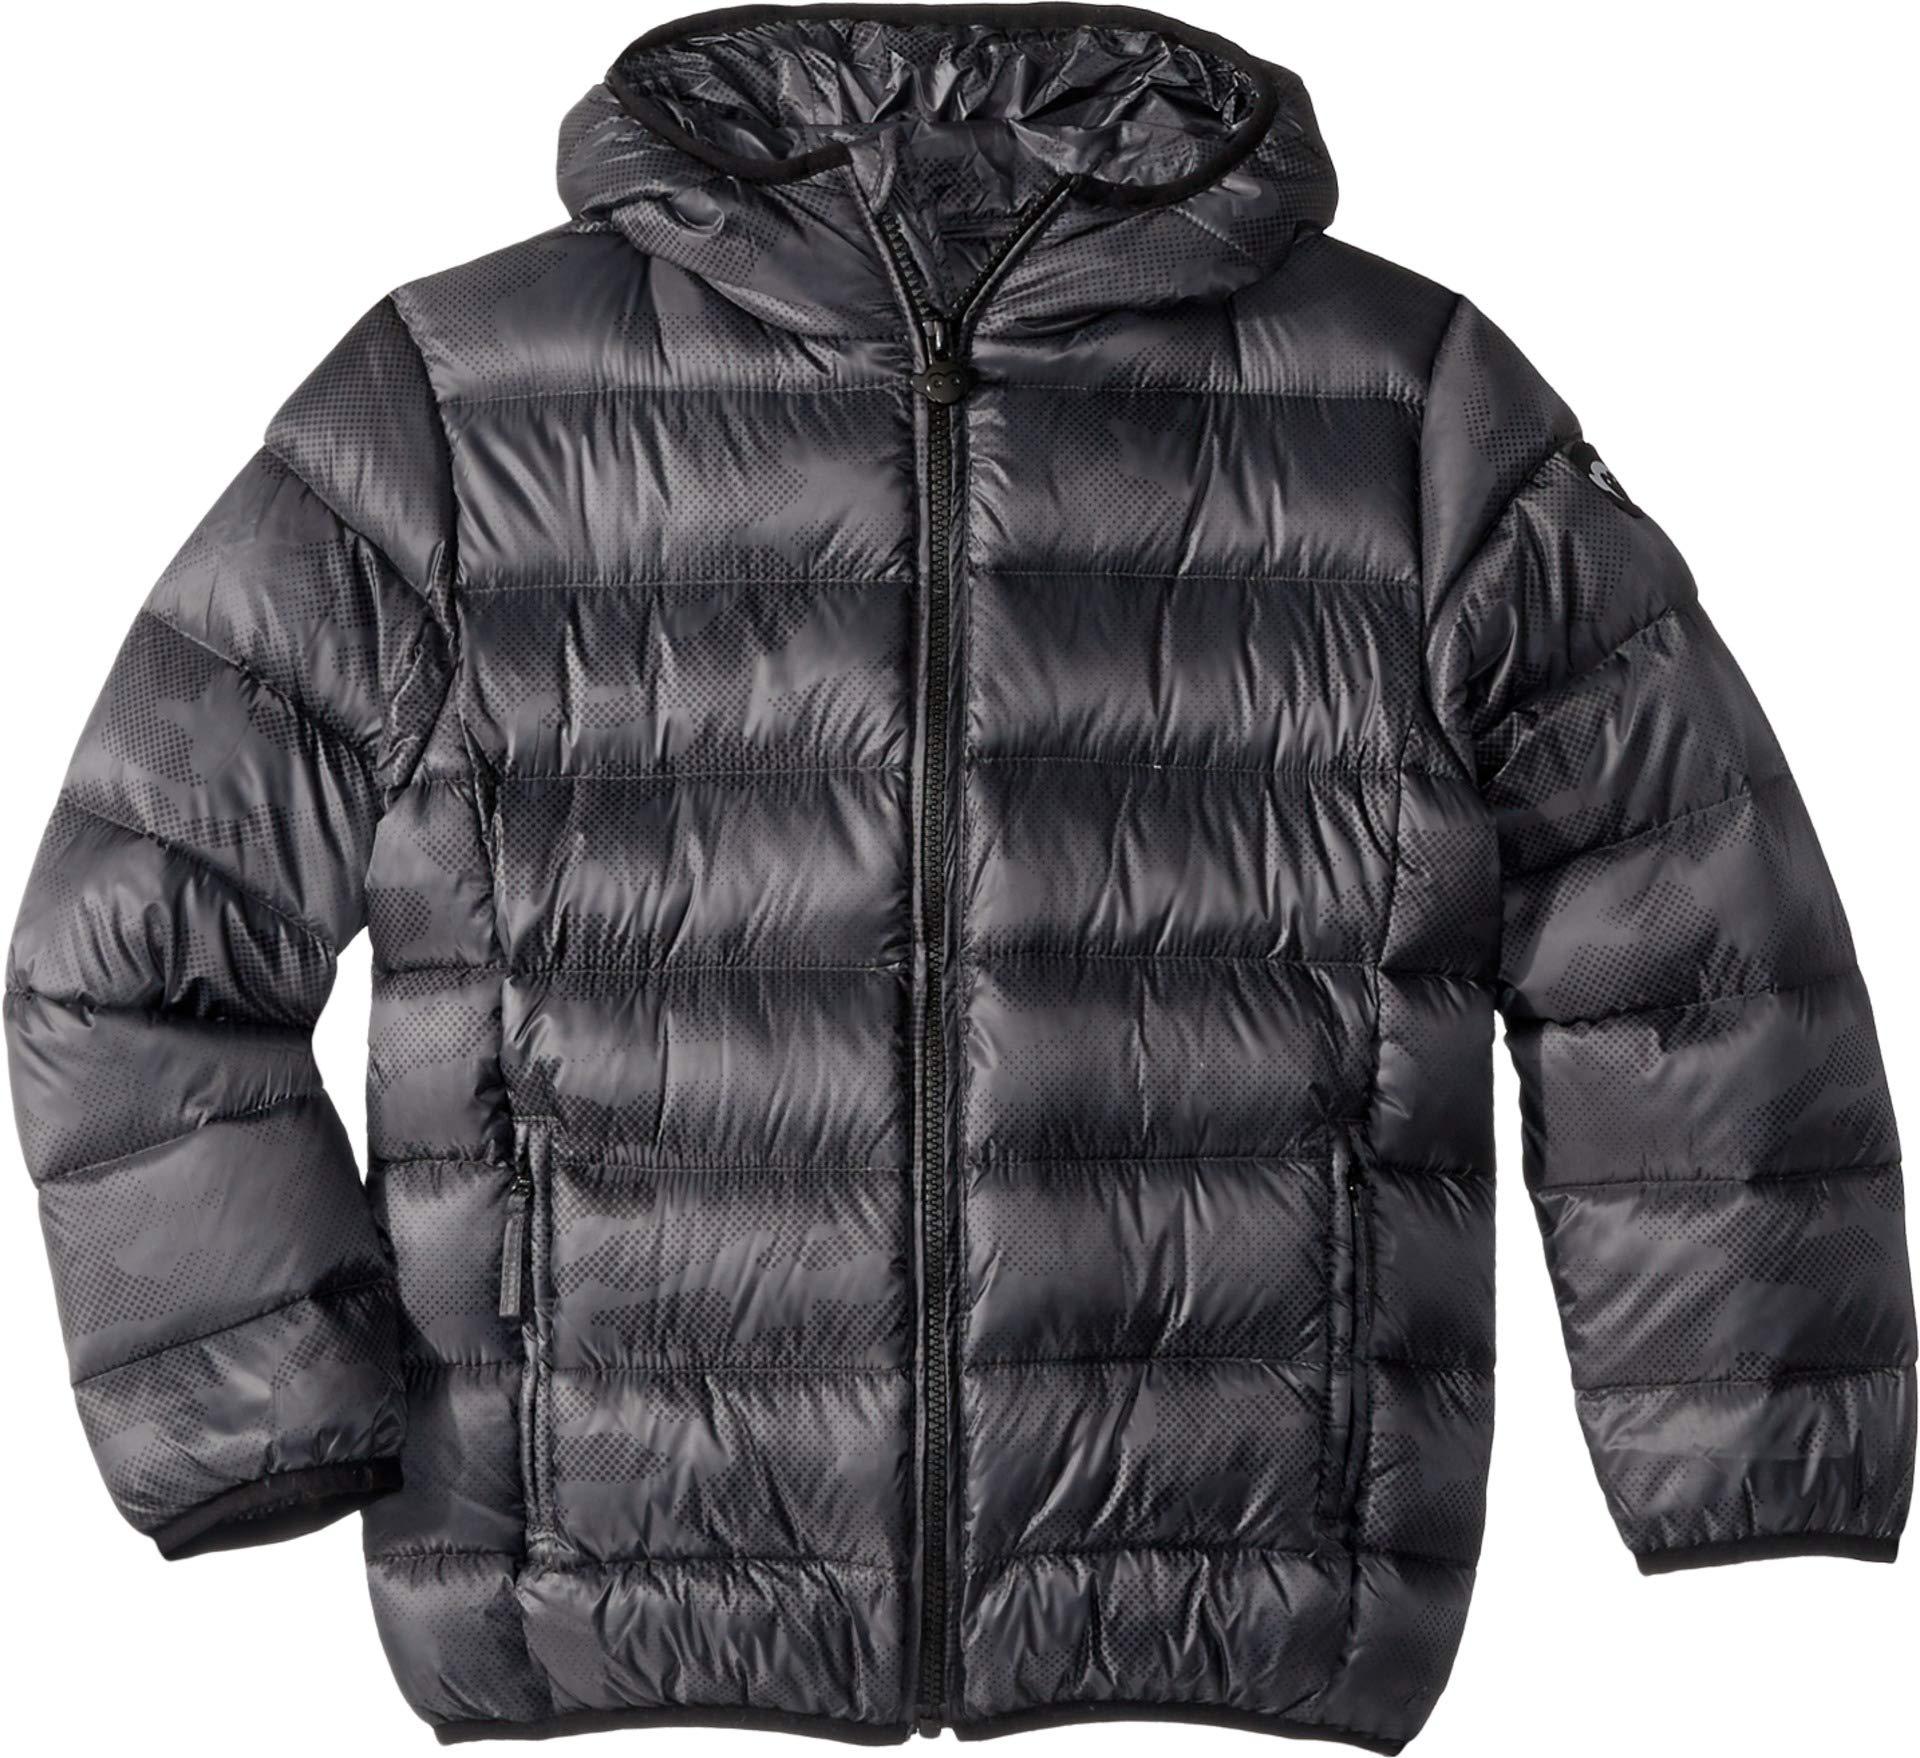 Appaman Kids Baby Boy's Extra Lightweight Packable Down Puffer Jacket (Toddler/Little Kids/Big Kids) Black Digi Camo 8